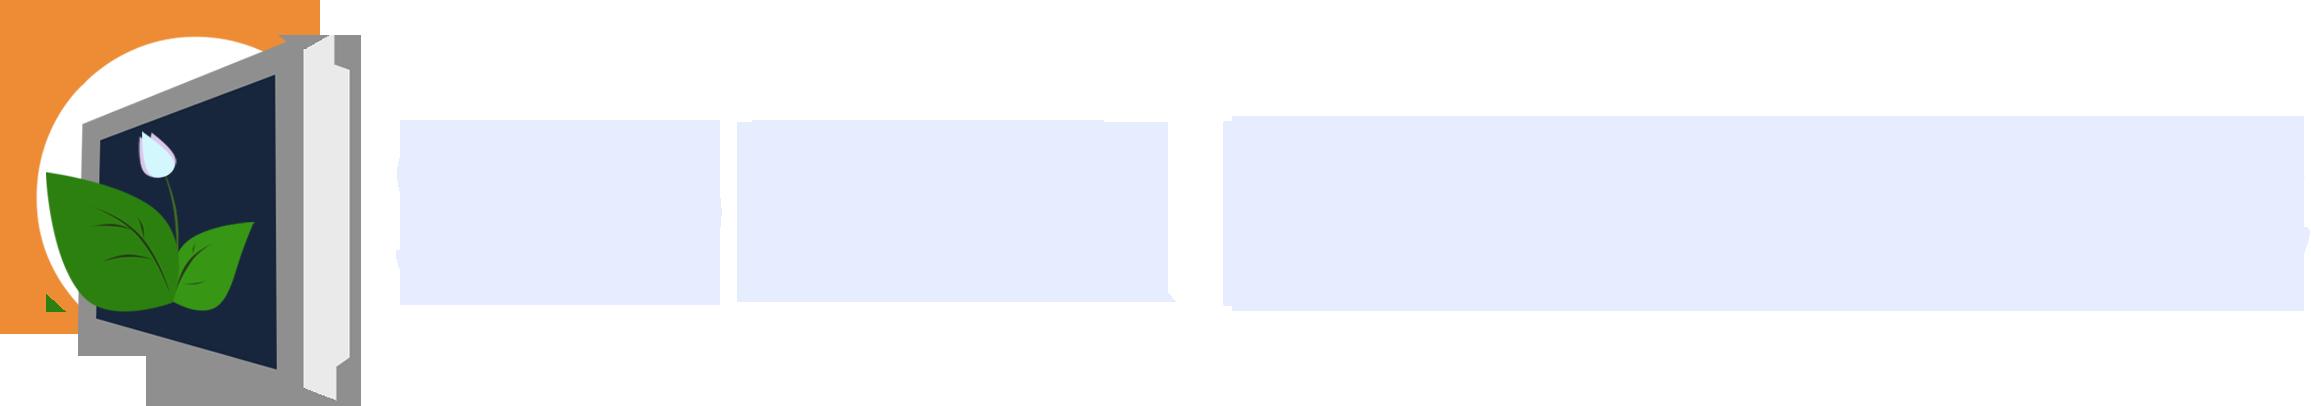 Sonar Learning - Cursos de Informática